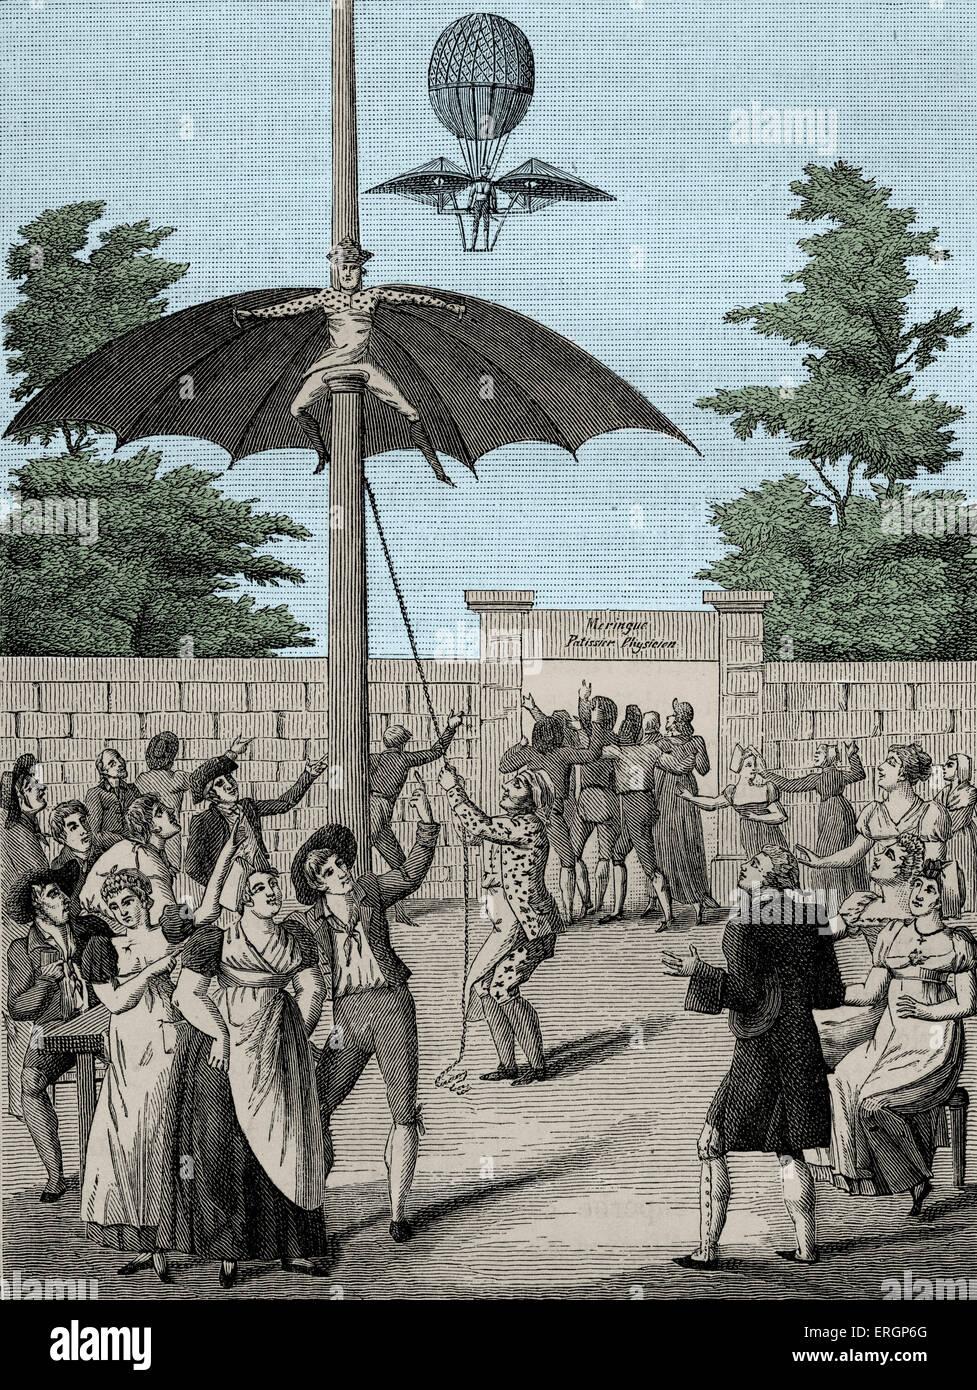 Menschen fliegen, Park Unterhaltung im Garten d'Idalie, Calais, Frankreich. des 19. Jahrhunderts. Stockbild